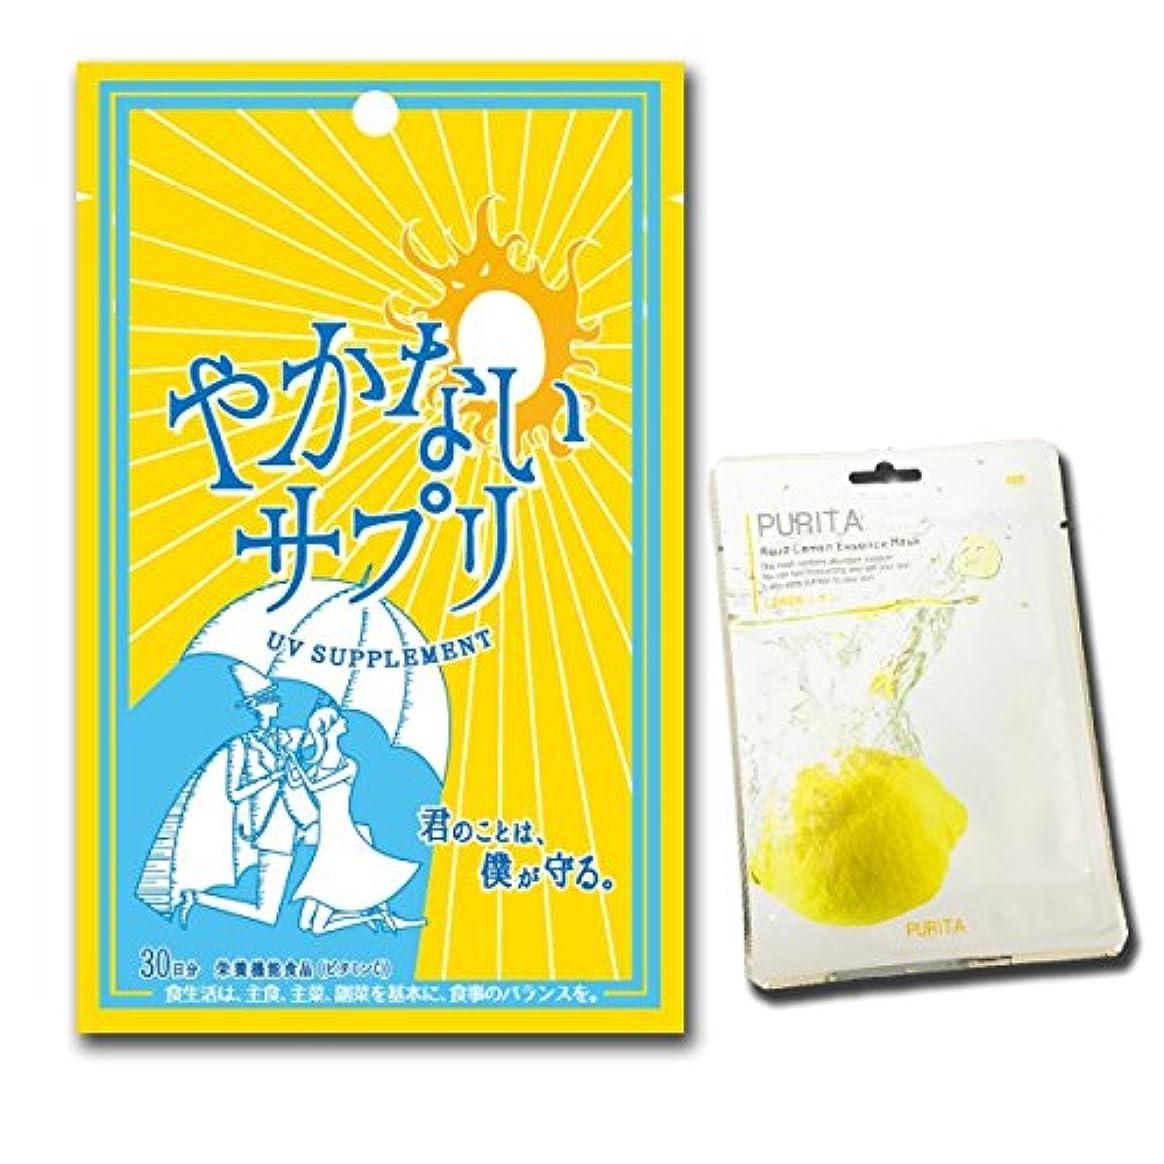 邪魔指紋慣性飲む日焼け止め やかないサプリ 日本製 (30粒/30日分) PURITAフェイスマスク1枚付